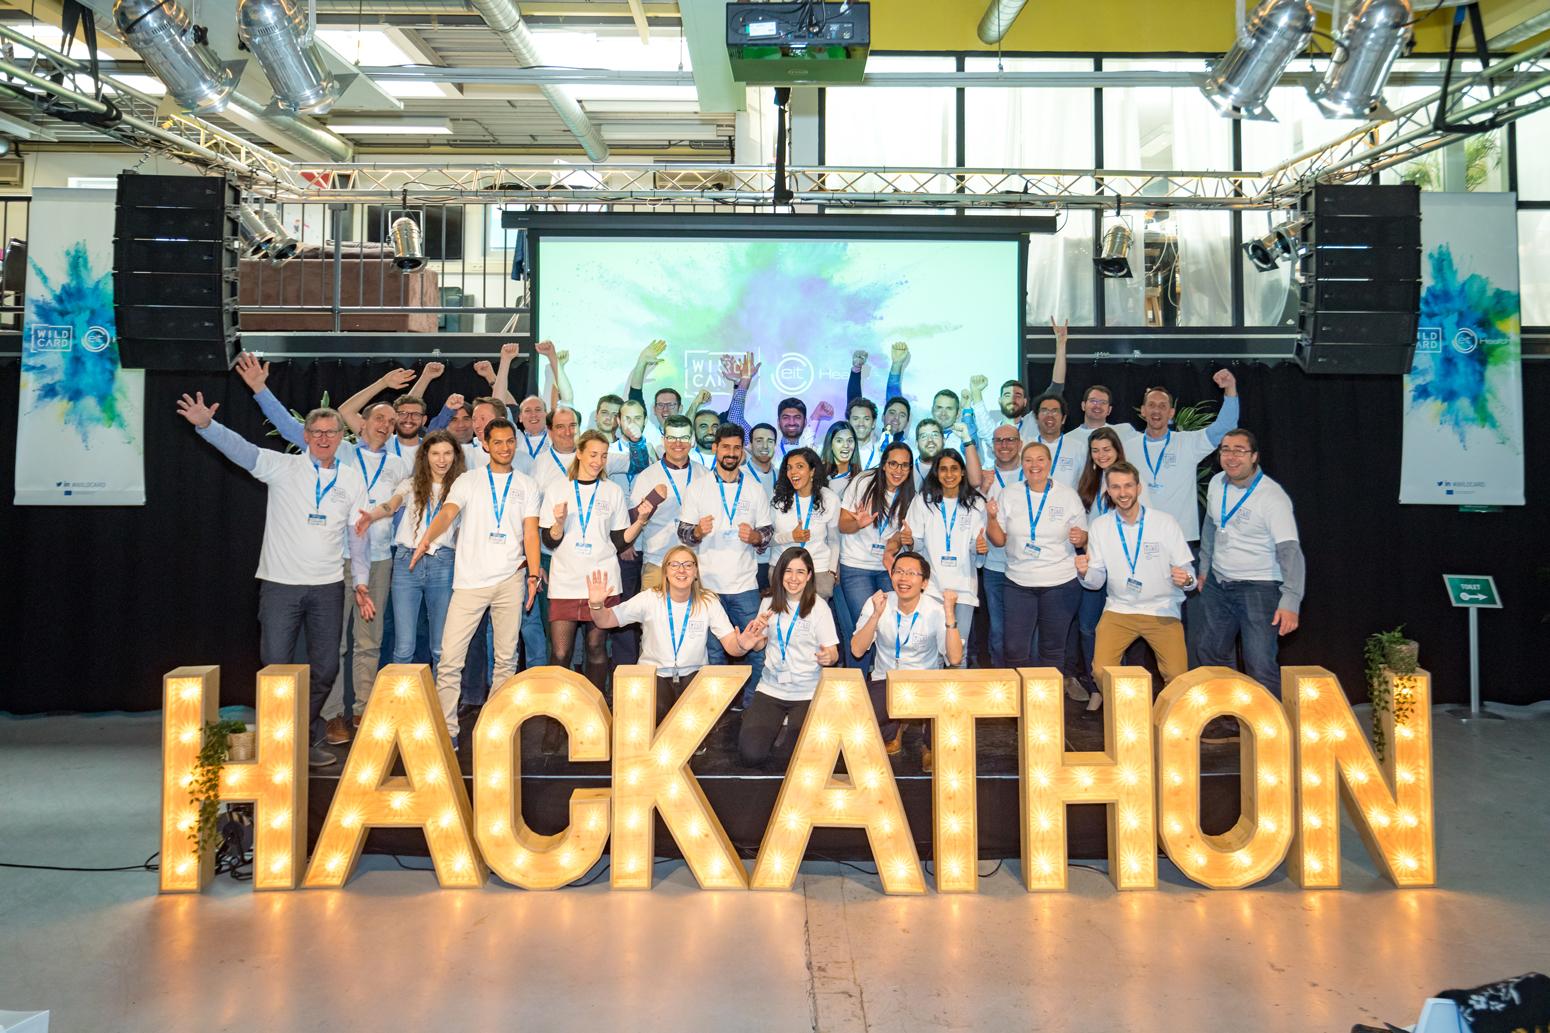 EIT-healt-hackathon-day-2-by-MichielTon-highress-19